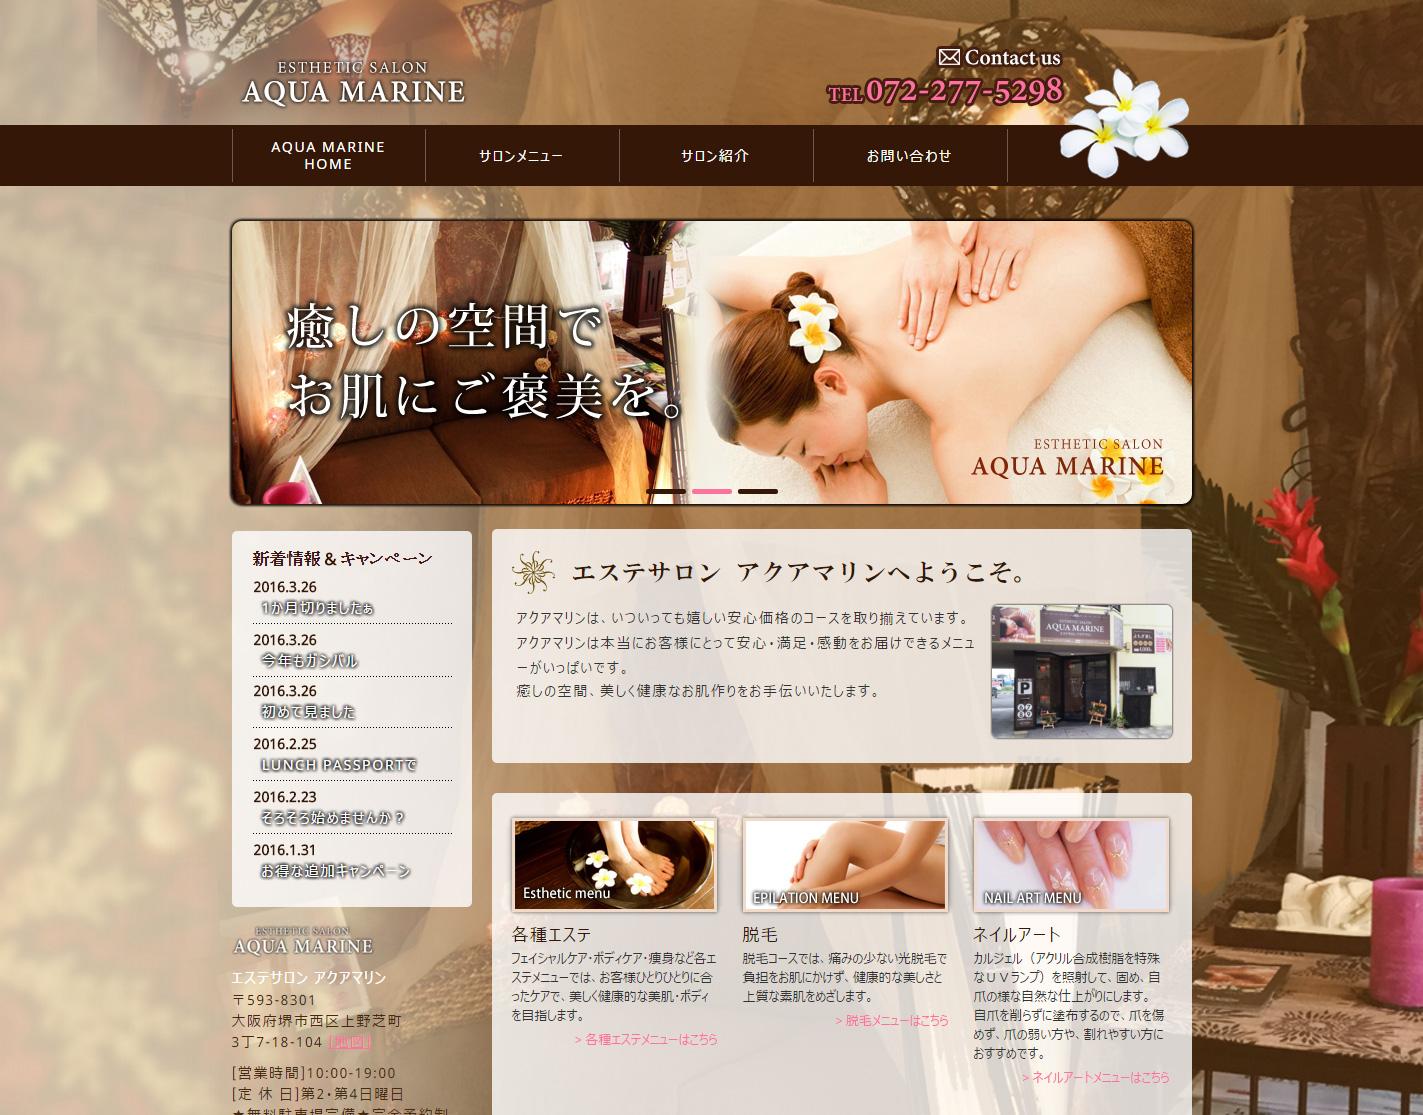 大阪・堺市のエステサロン アクアマリン/AQUA MARINE-pc